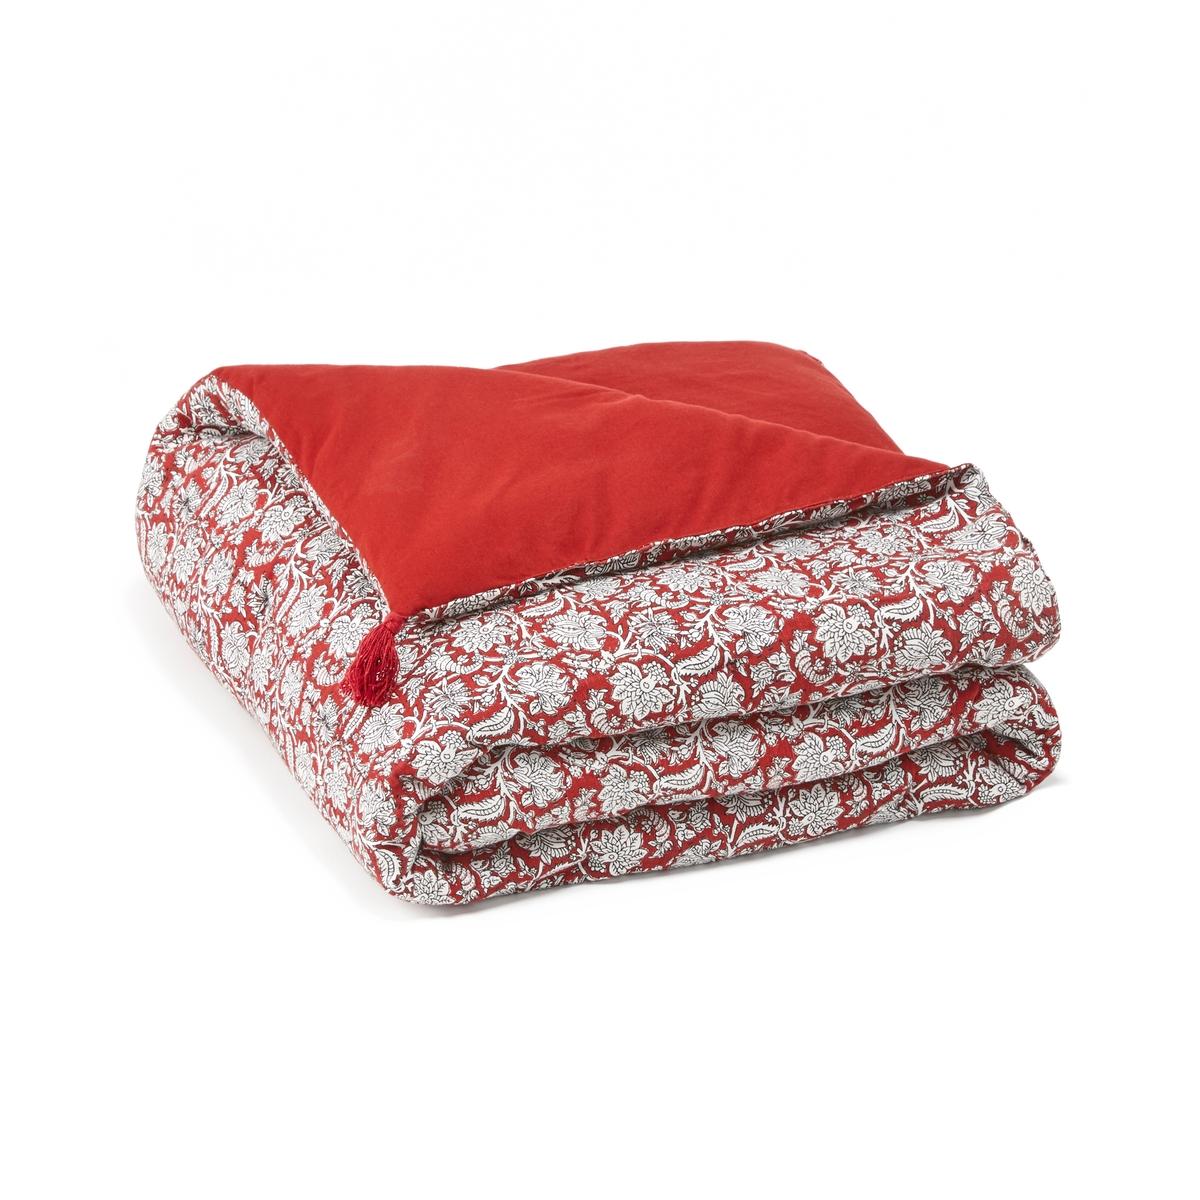 одеяло стеганое из хлопковой вуали с рисунком колорблок Покрывало La Redoute Из хлопковой вуали Zouli 180 x 230 см красный